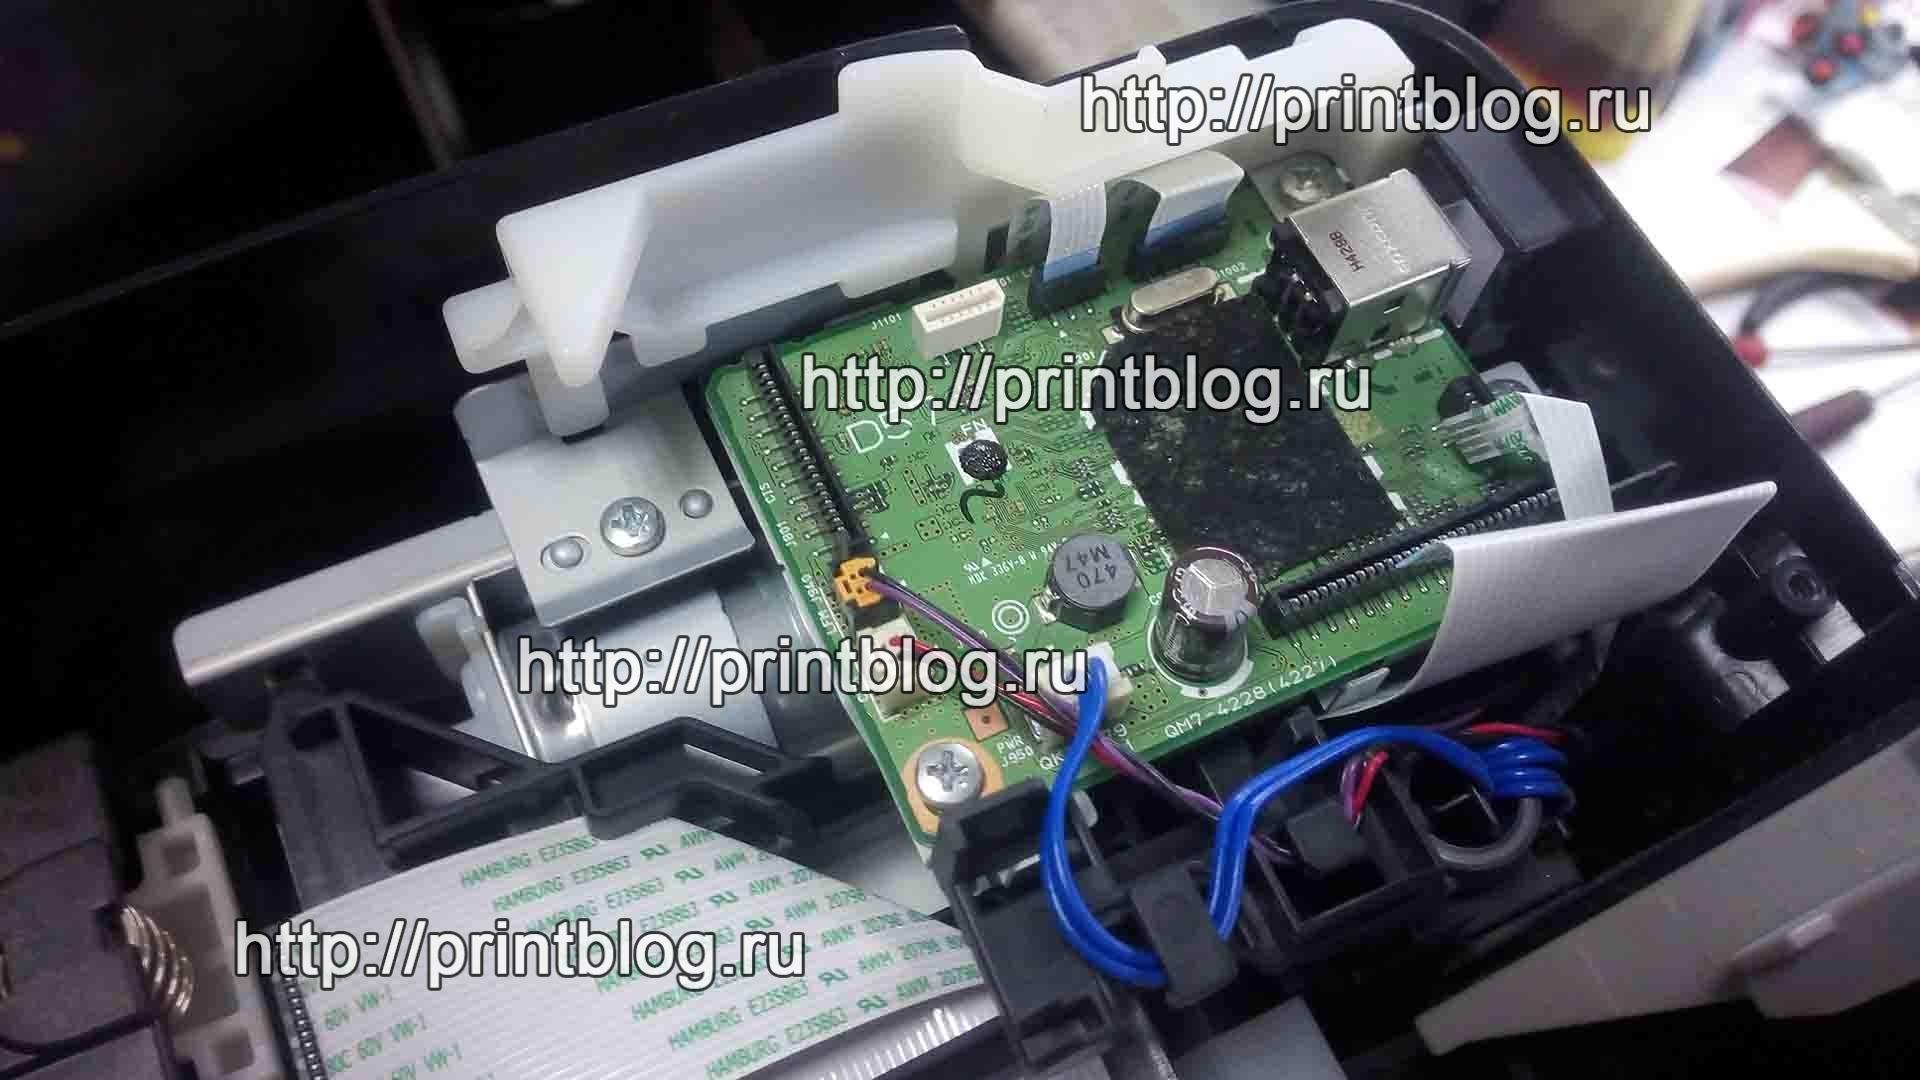 Canon Pixma E464 (E460): Код поддержки 5B00 (5В00), сброс ошибки